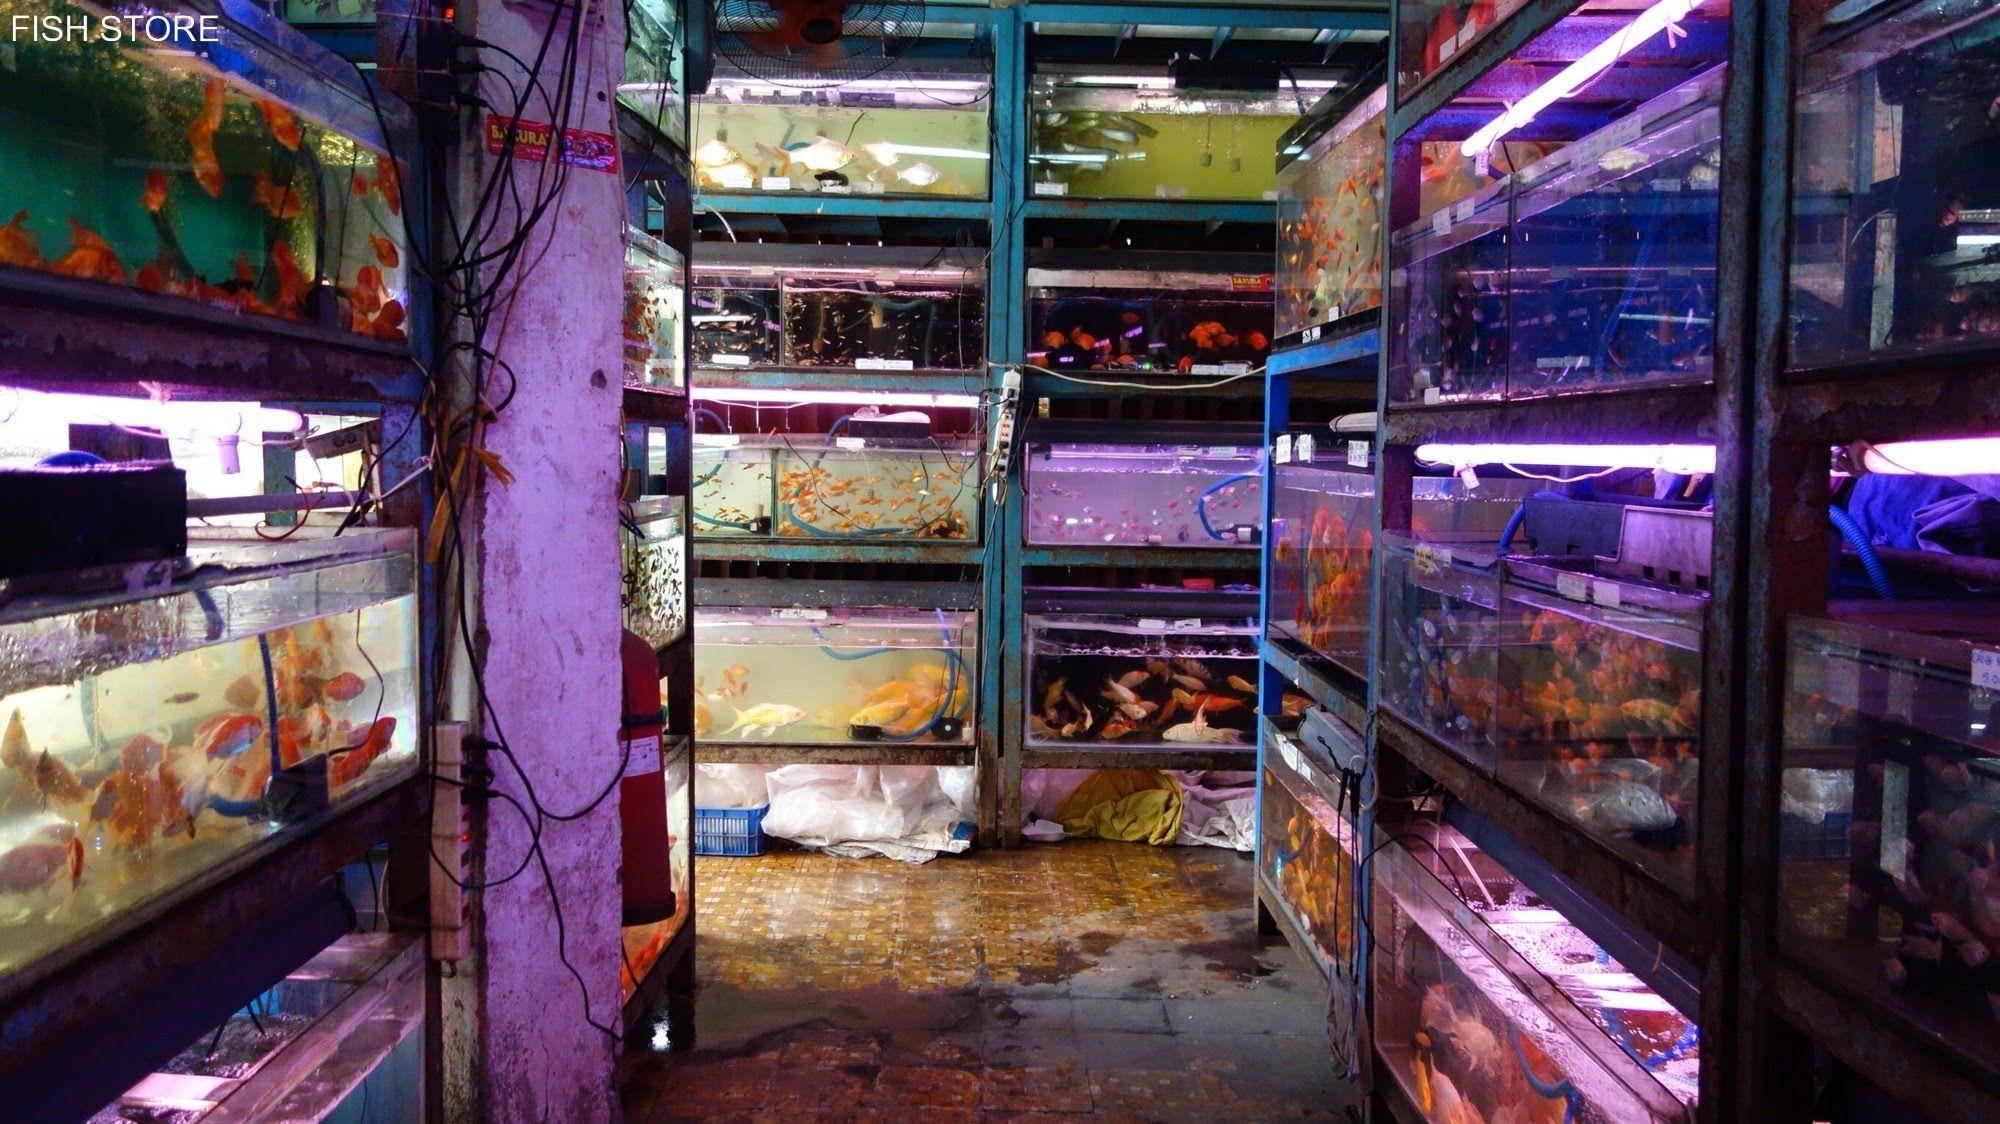 Fish Store Aquarium Shop In Asia 2014 Vietnam Aquarium Shop Japan Country Aquarium Fish